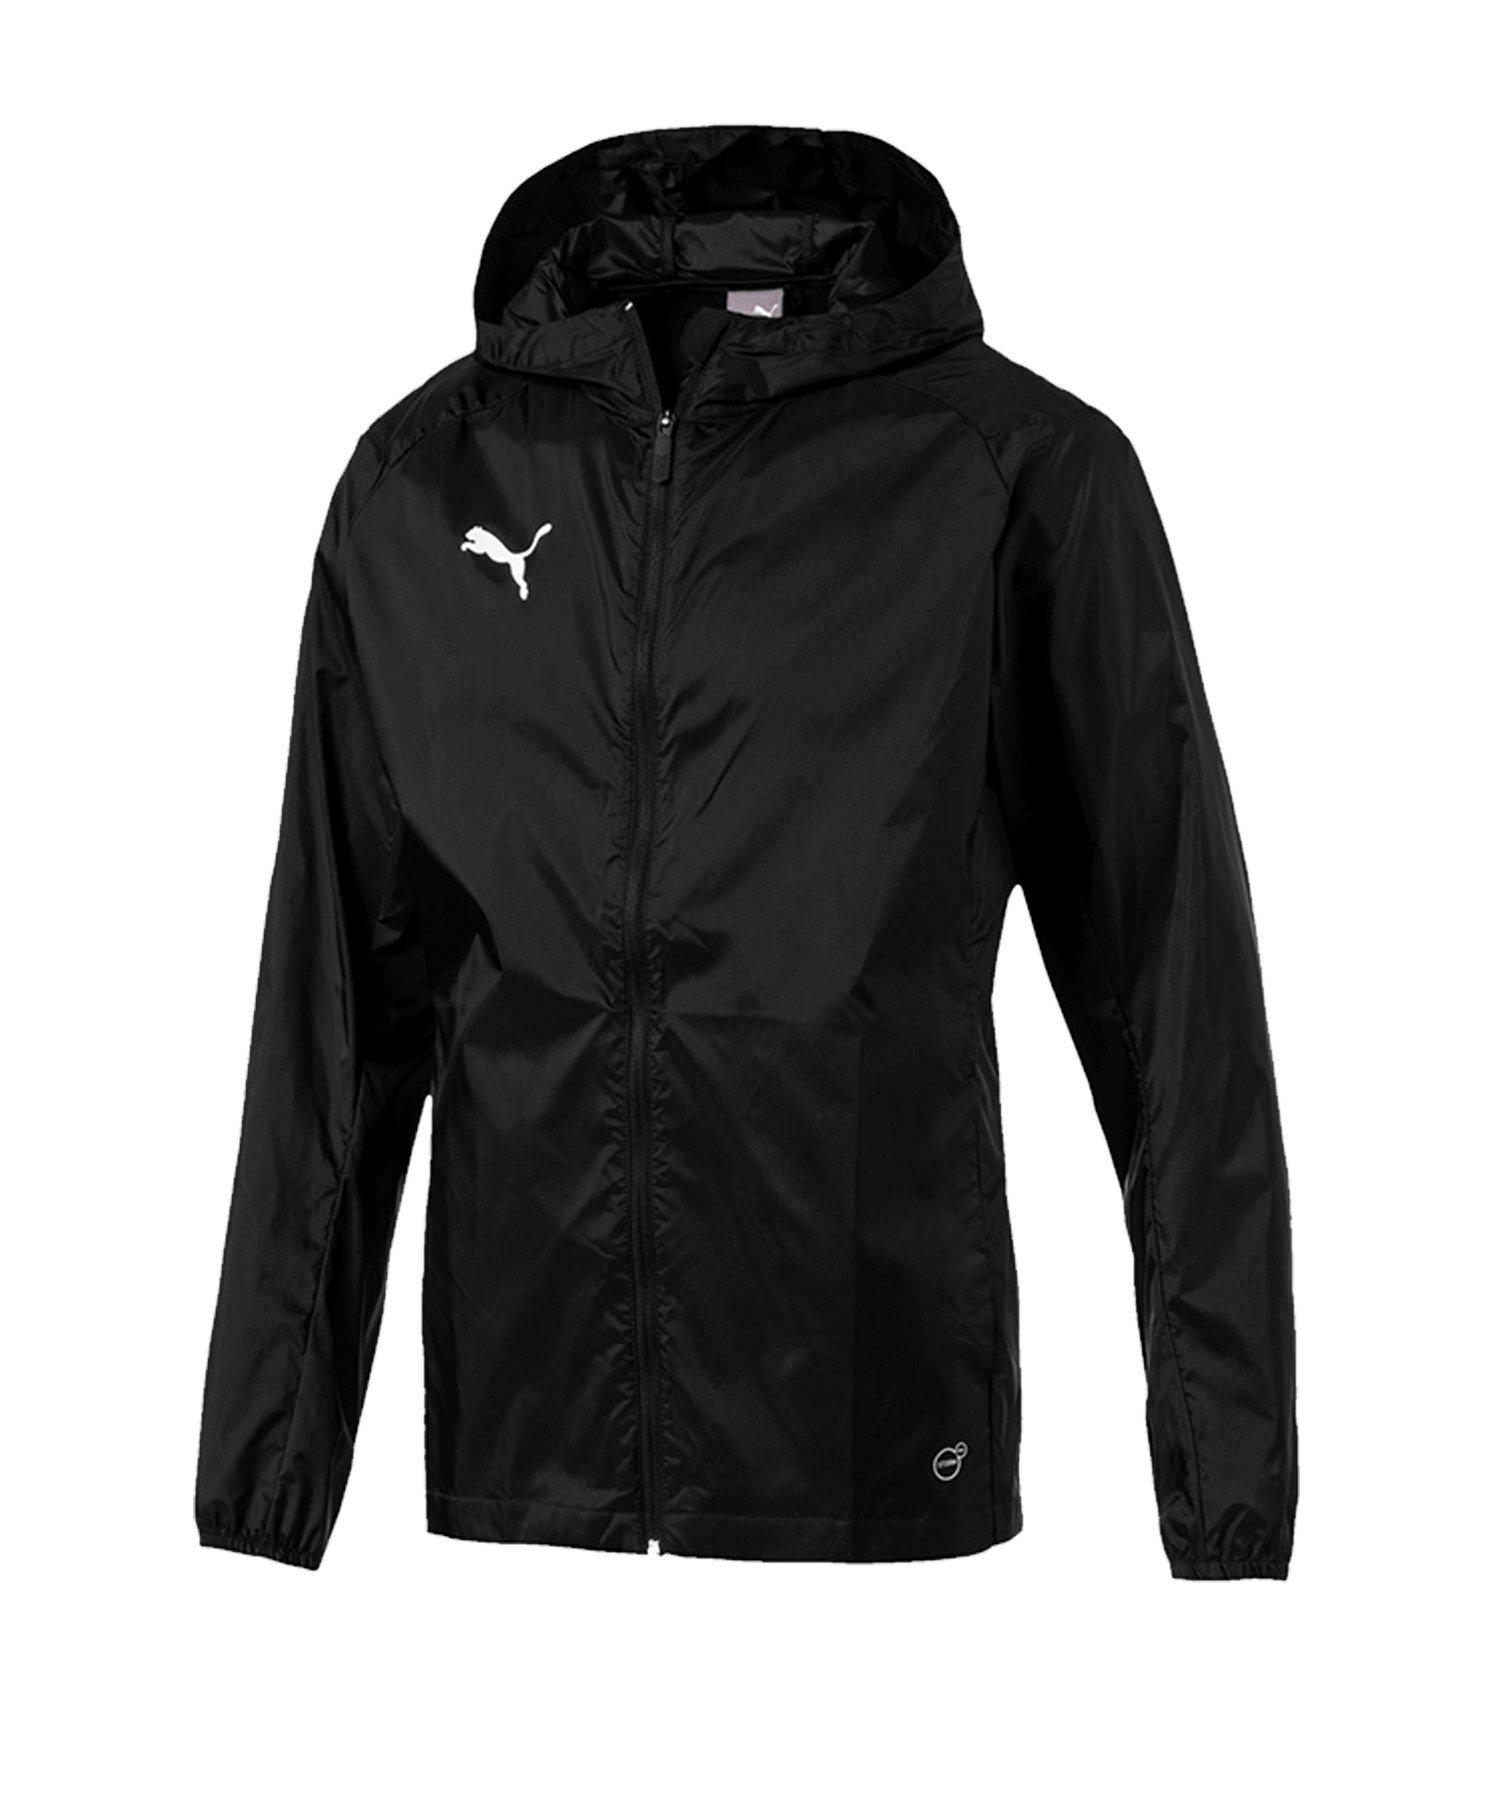 a002a98d068a PUMA LIGA Training Rain Jacket Jacke Schwarz F03 - schwarz